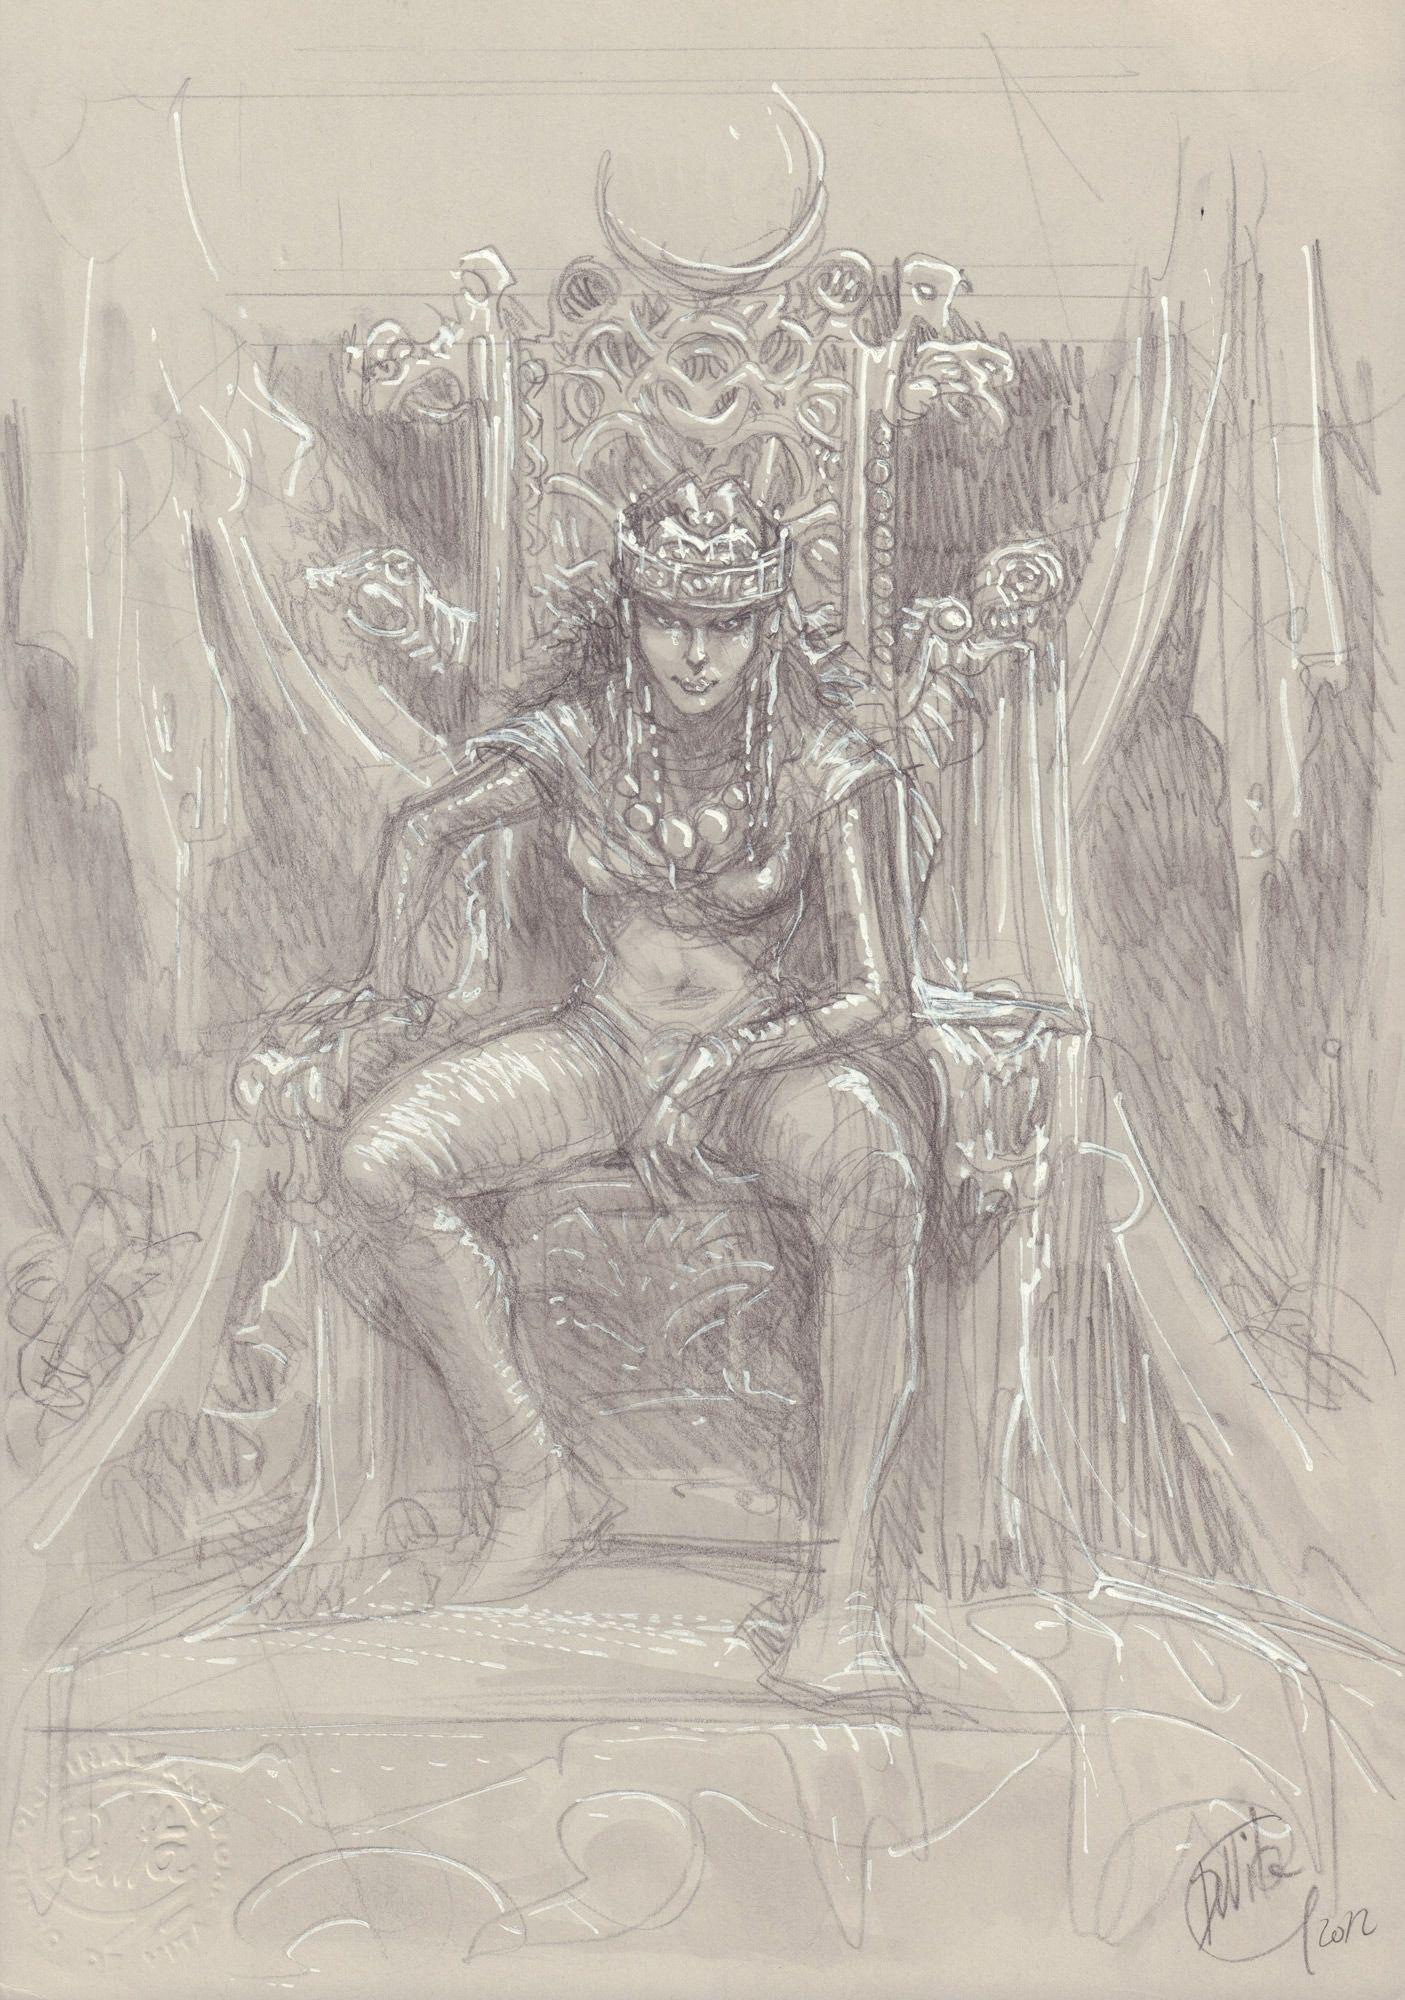 Thorgal. Kriss de Valnor #3, Czyn godny królowej - szkic okładki